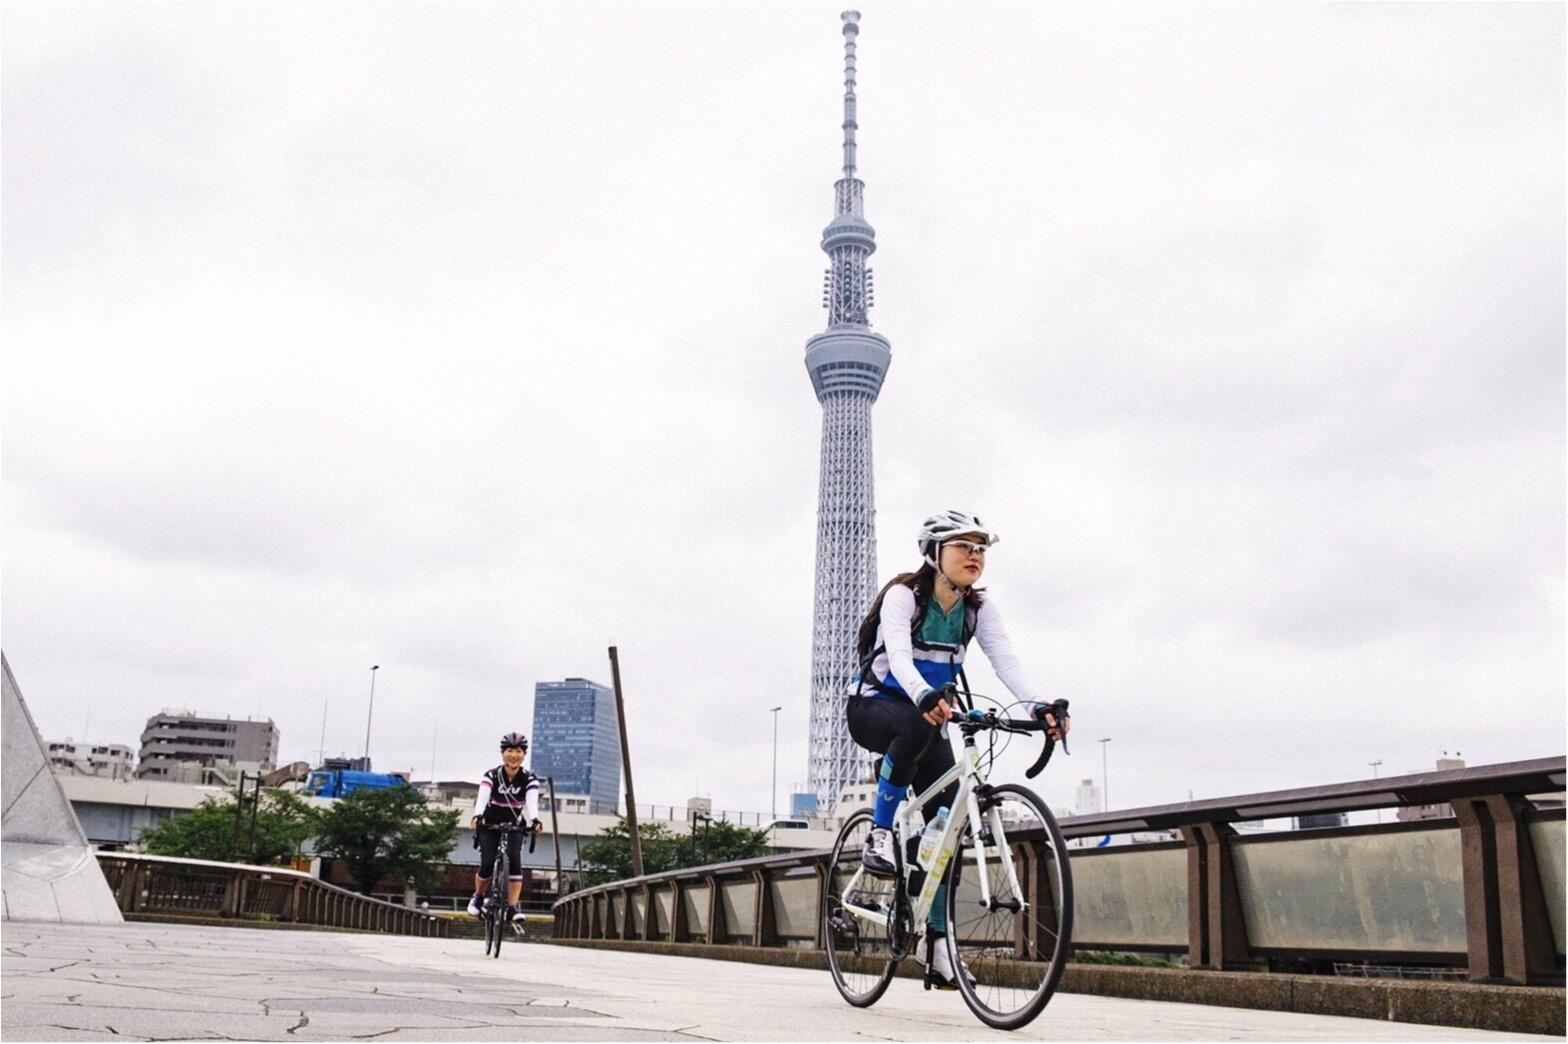 """自転車好きにオススメしたい""""チャリカフェ""""第2弾♡「Nui.」@東京・蔵前 #ツール・ド・東北【#モアチャレ さえ】_1"""